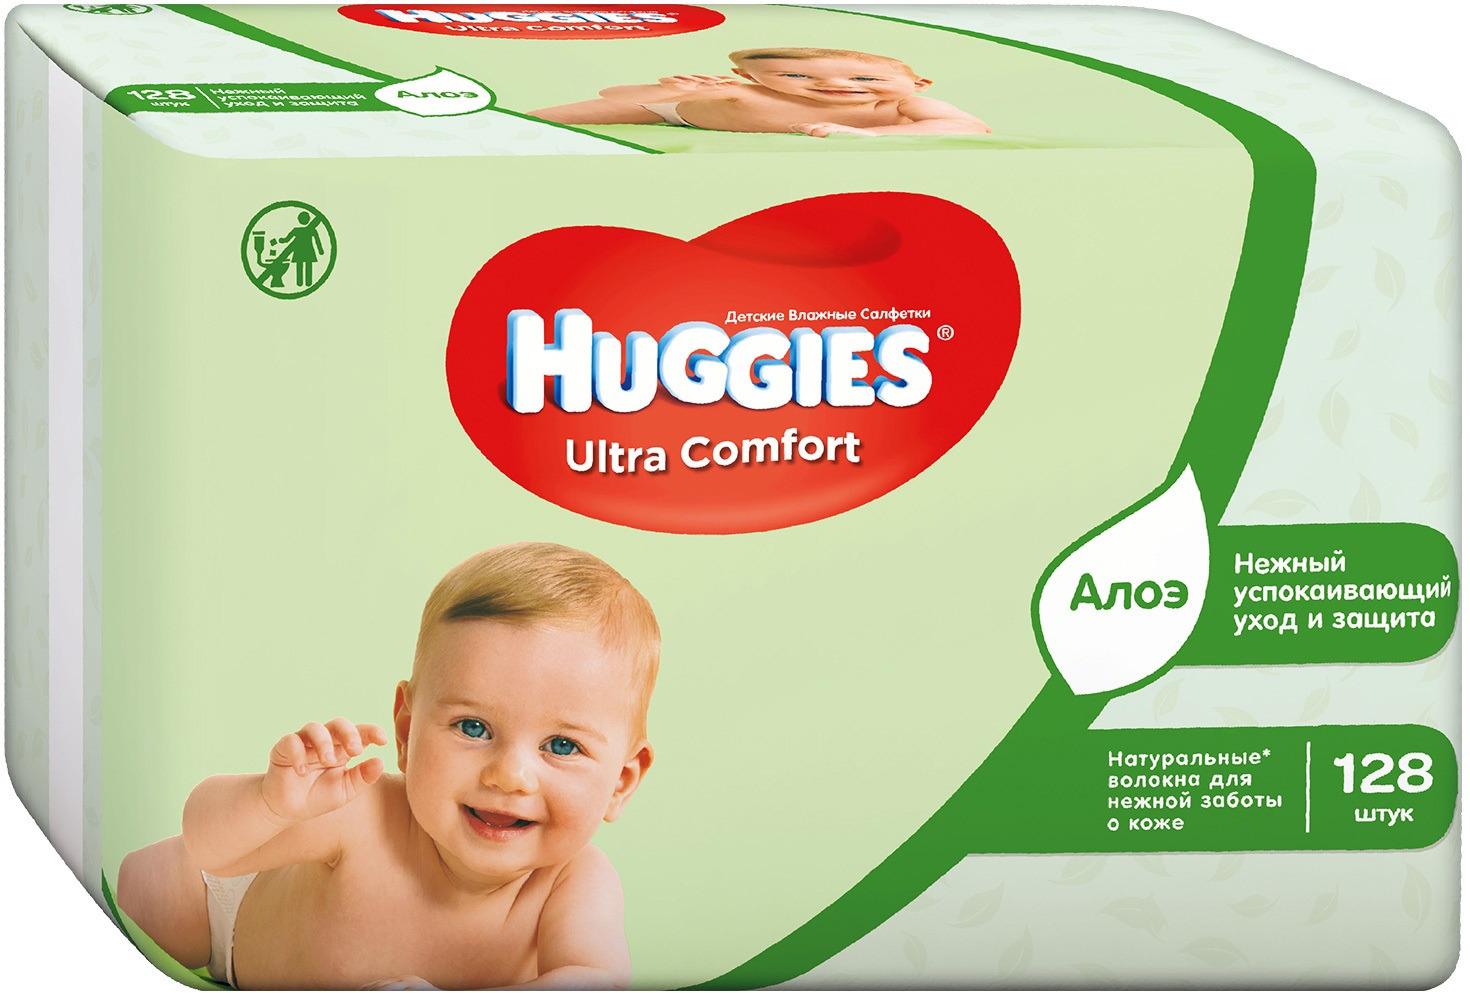 Huggies Влажные салфетки для детей Ultra Comfort 128 шт